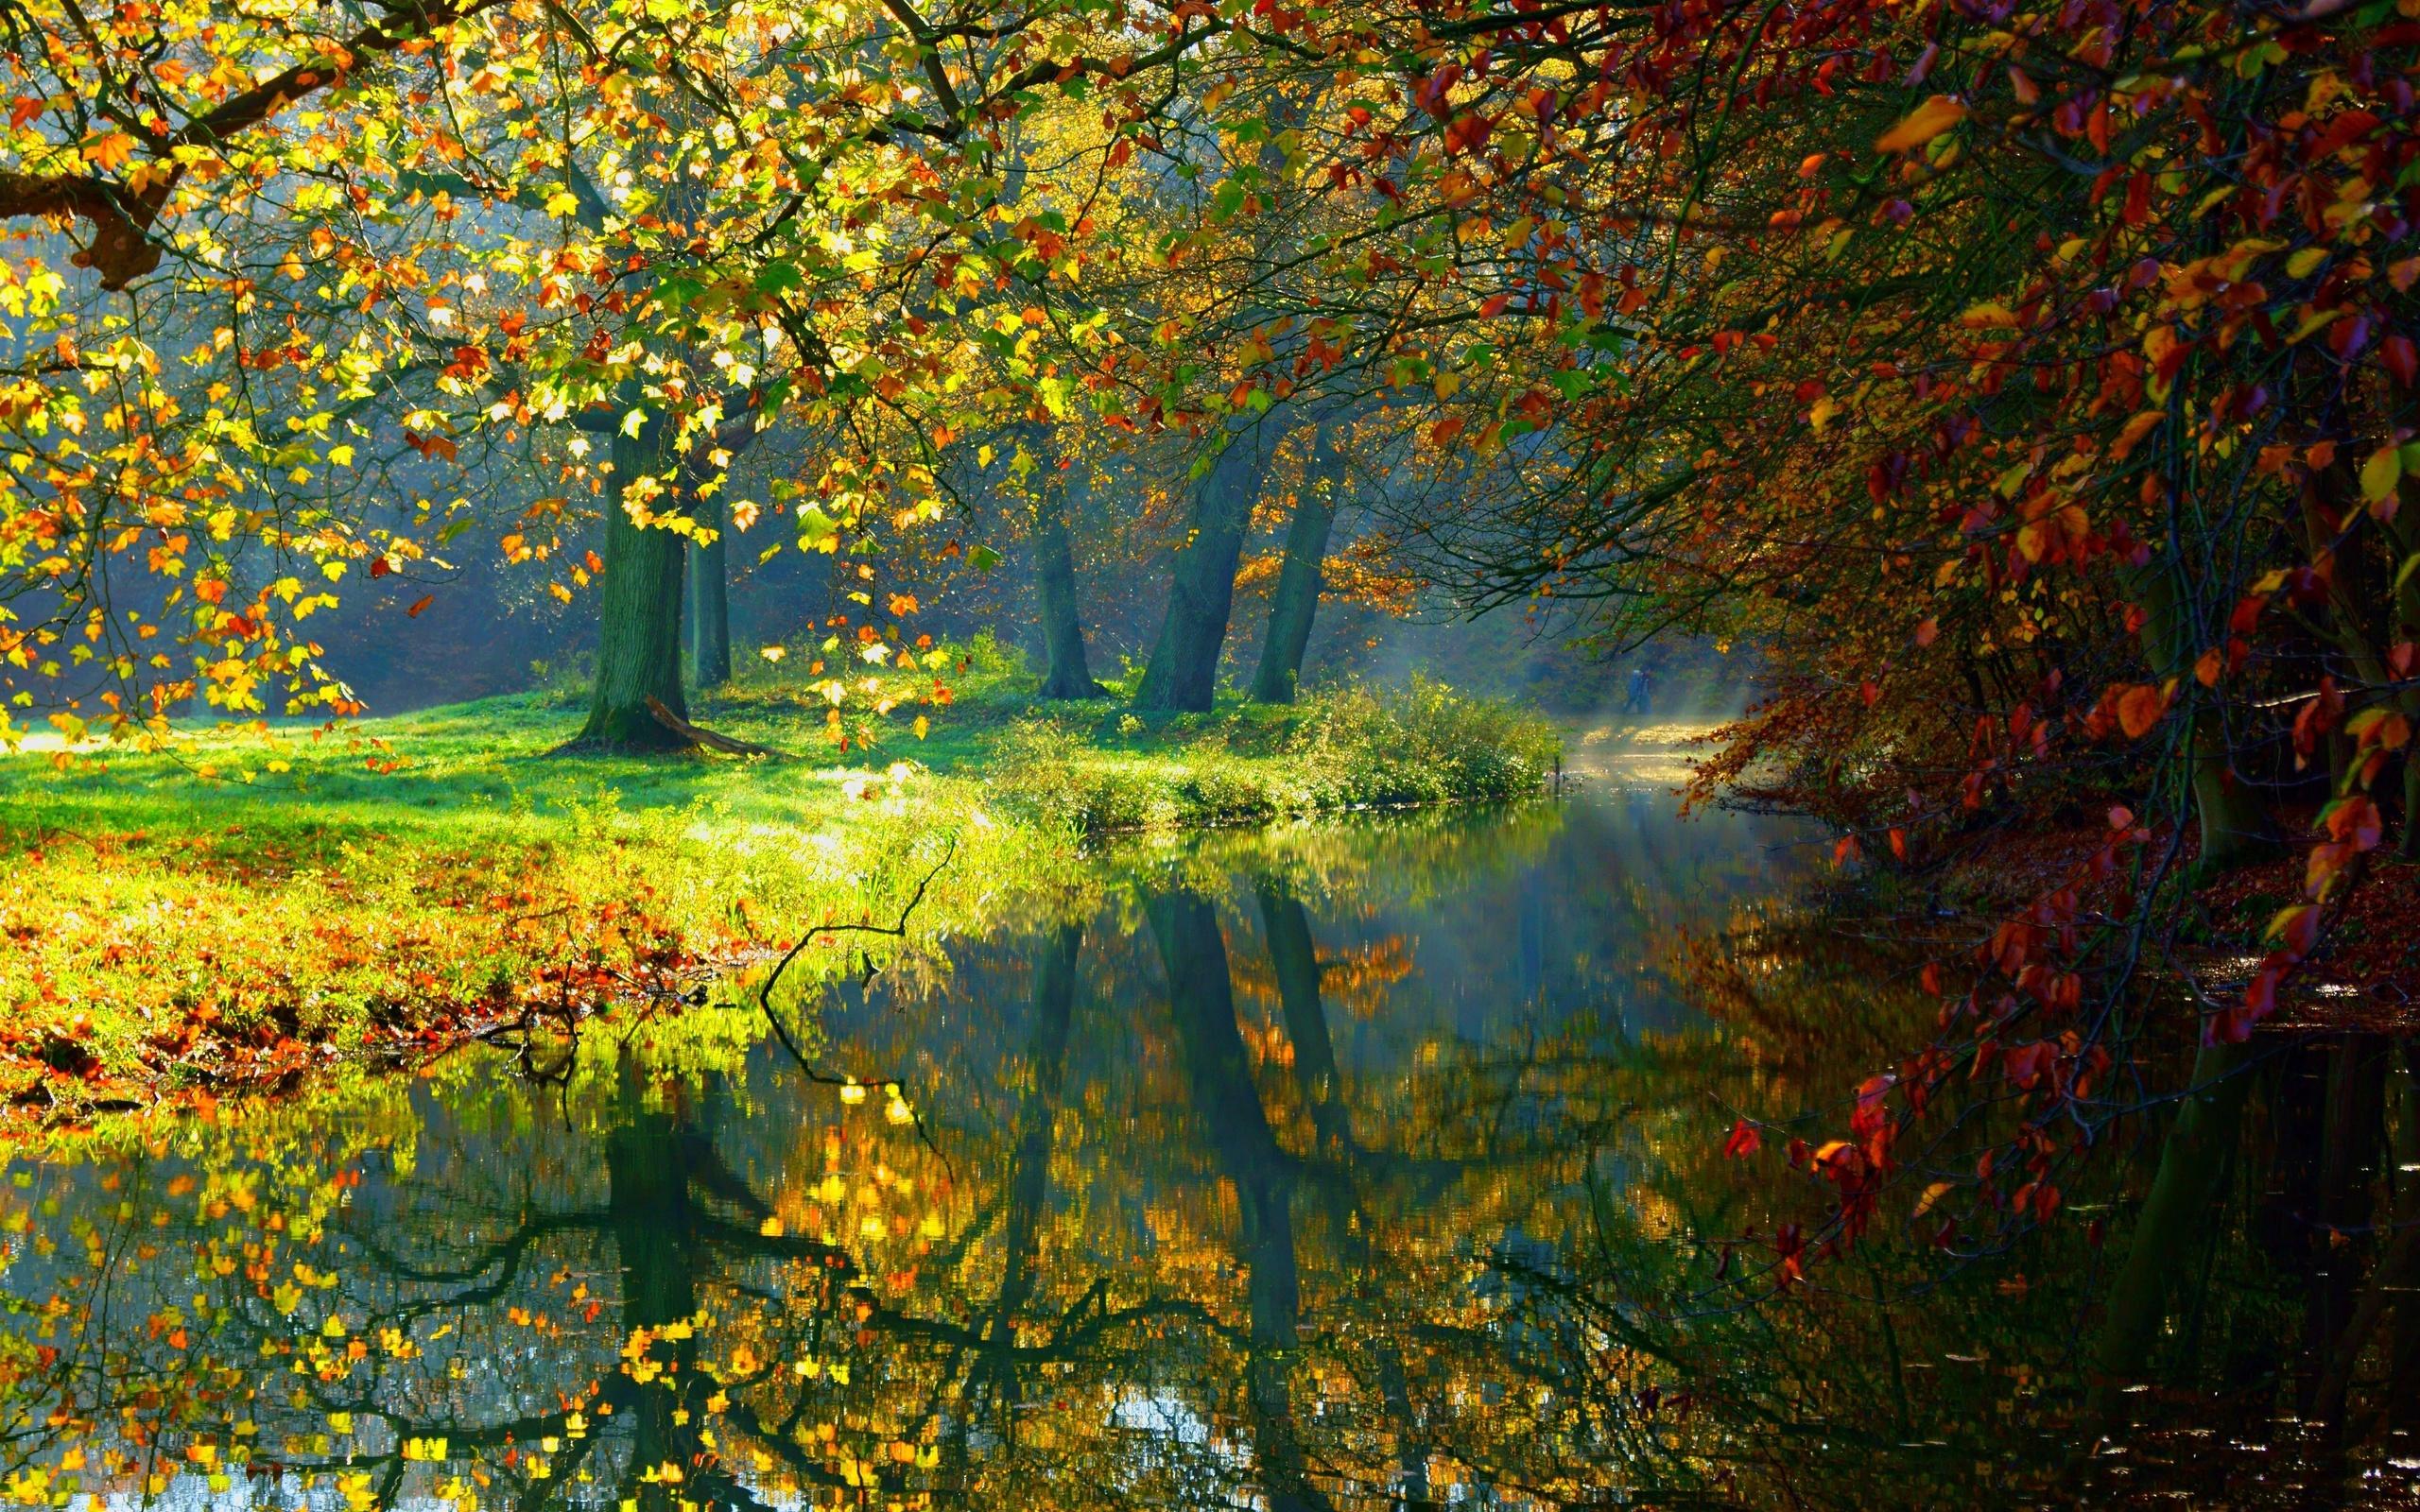 Картинки высокого разрешения осенний лес